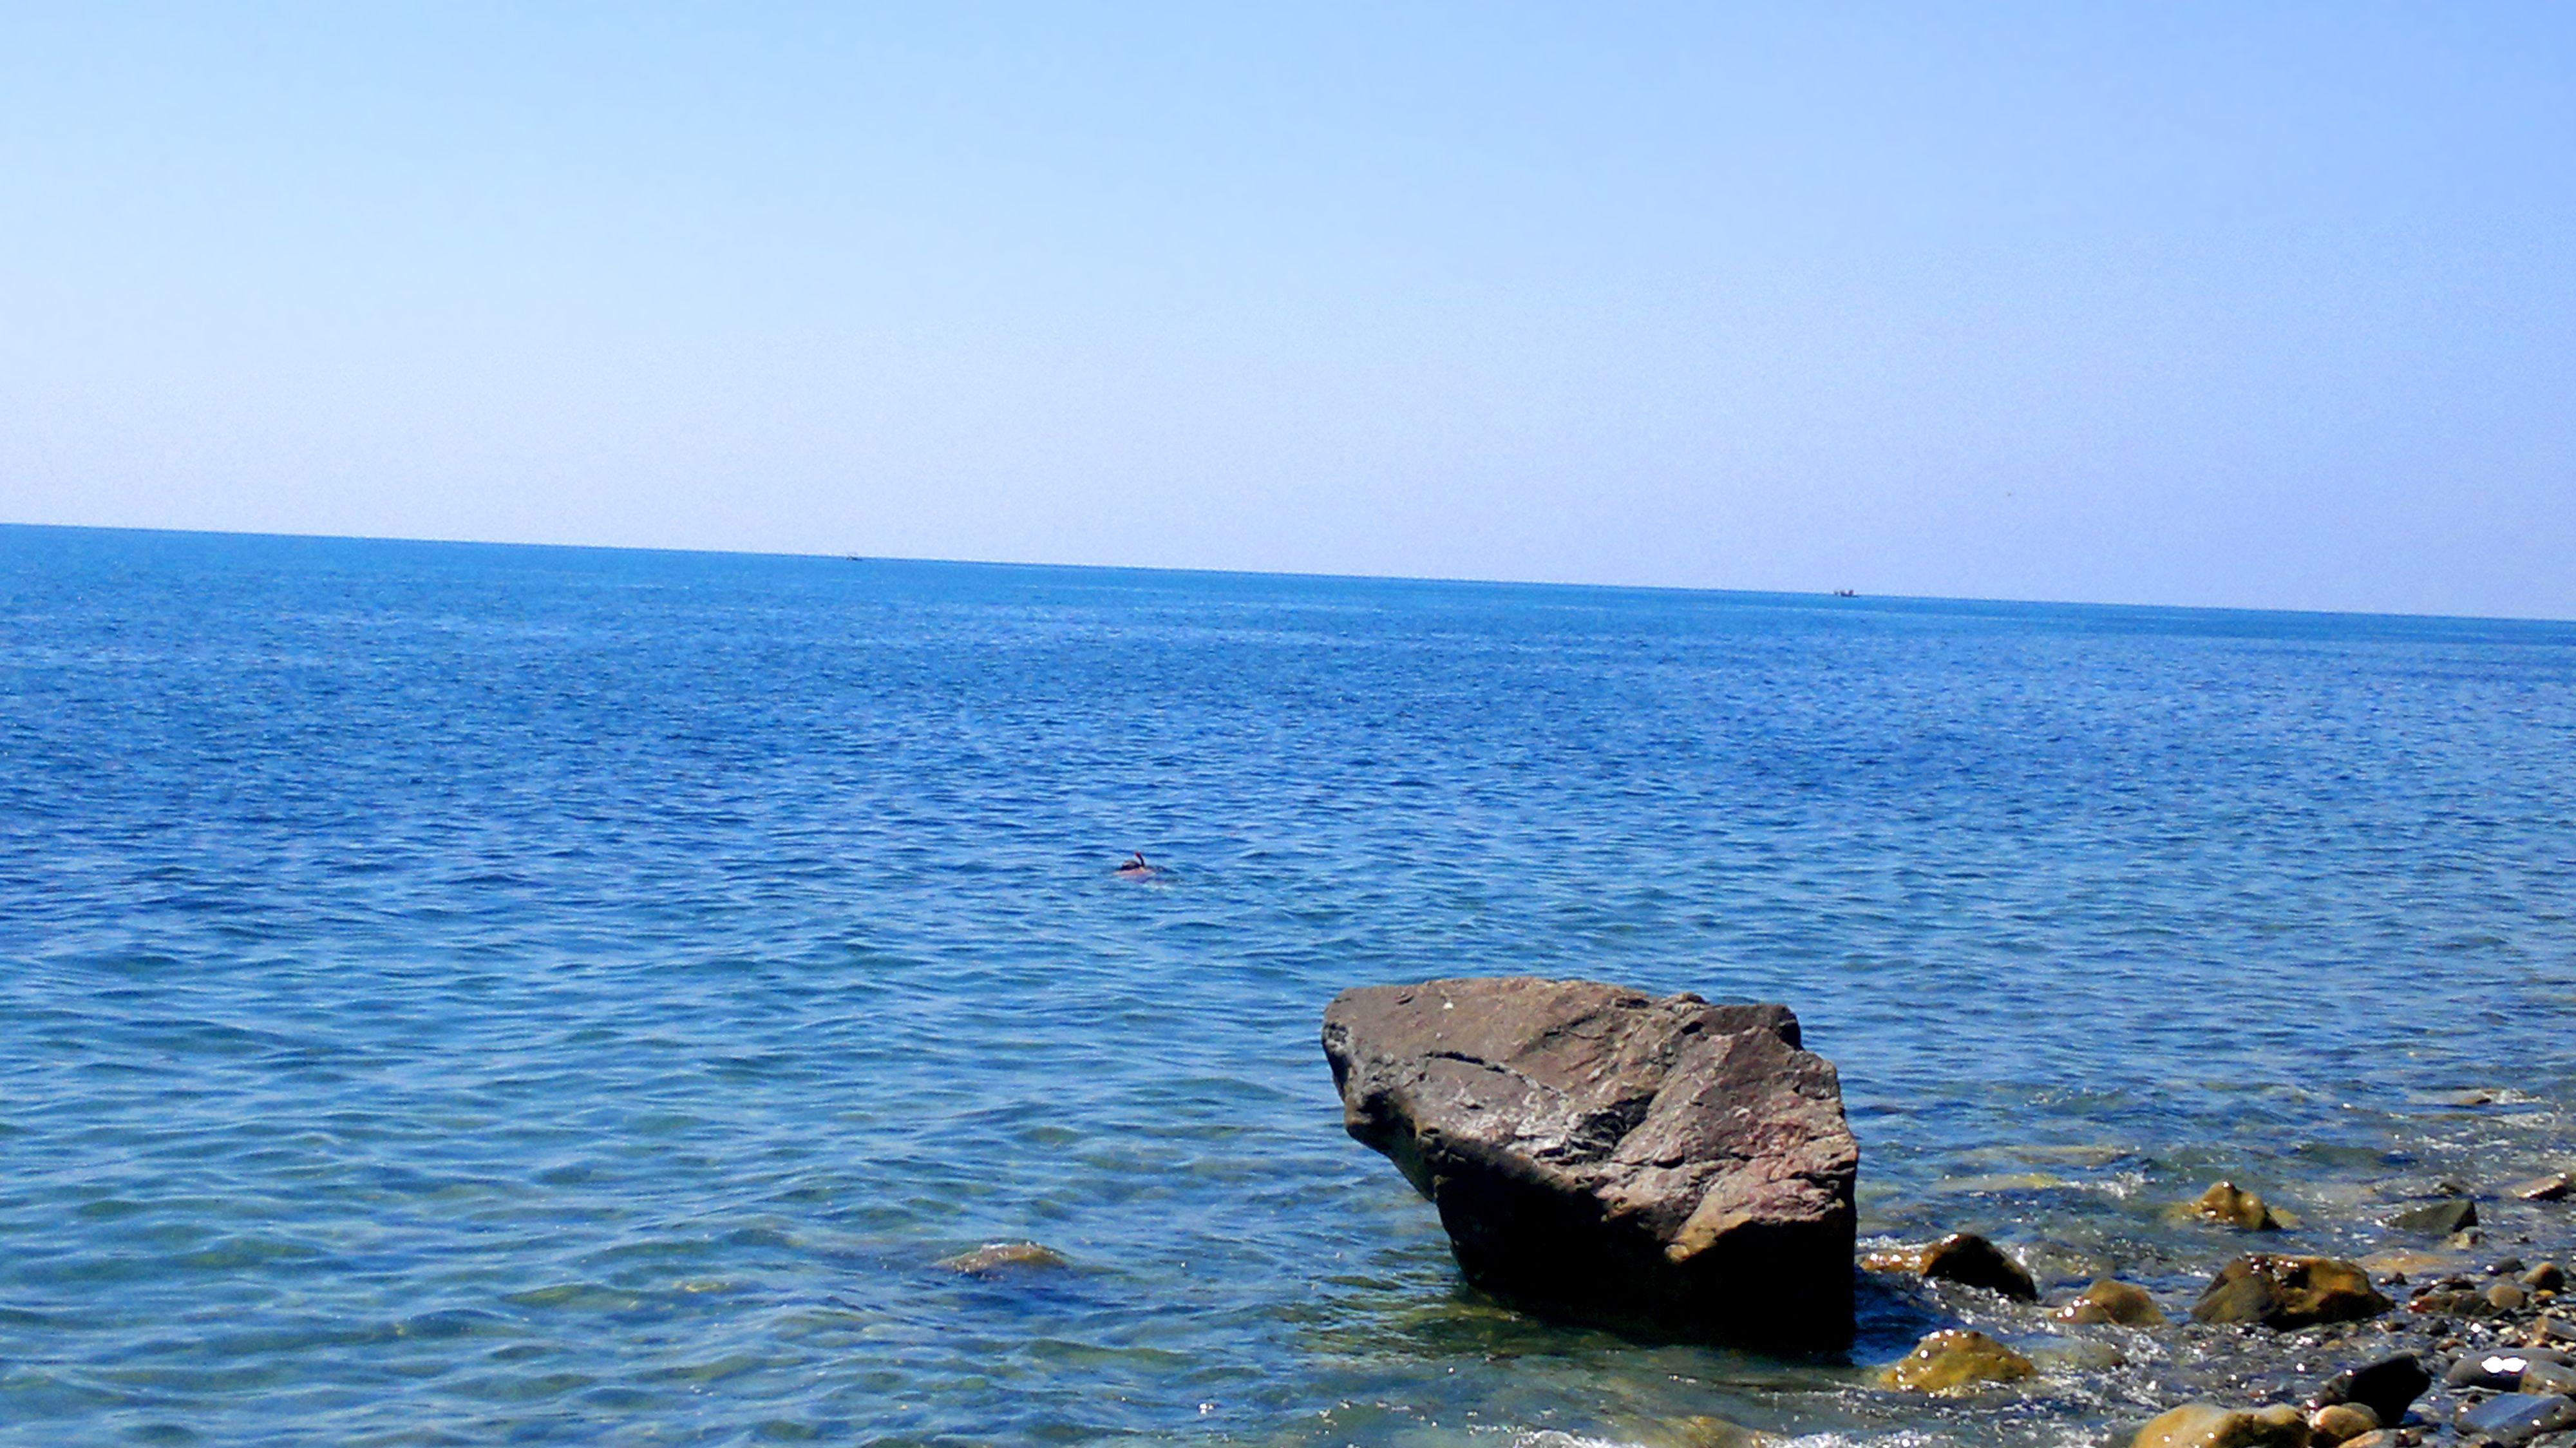 где в болгарии самое чистое море Насколько чистое море в болгарии?